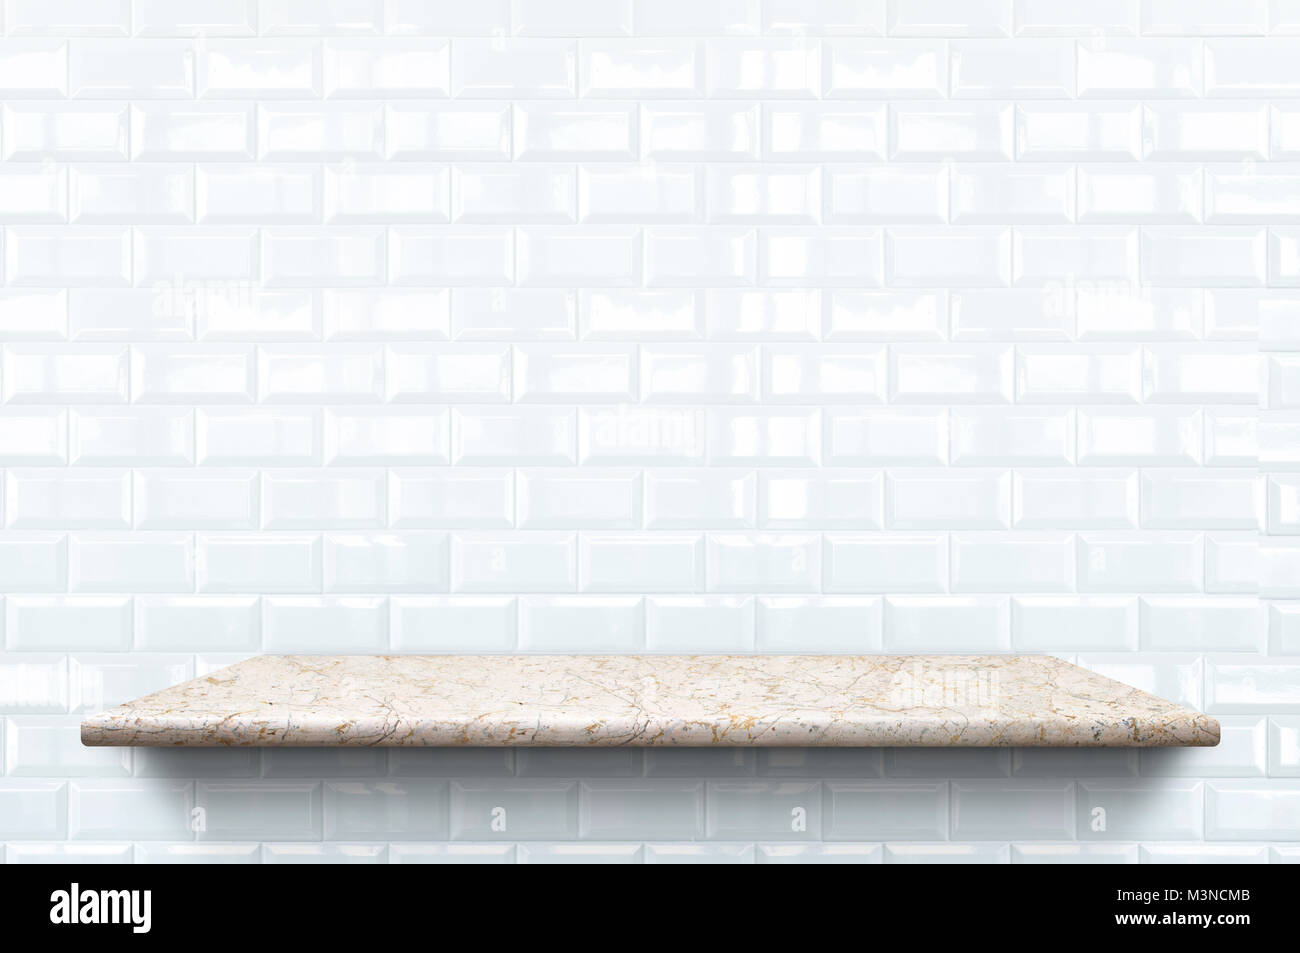 Leer Marmor Regal Auf Weißer Keramik Fliesen Wand Muster Hintergrund, Mock  Up Für Anzeige Oder Montage Von Produkt  Oder Design.